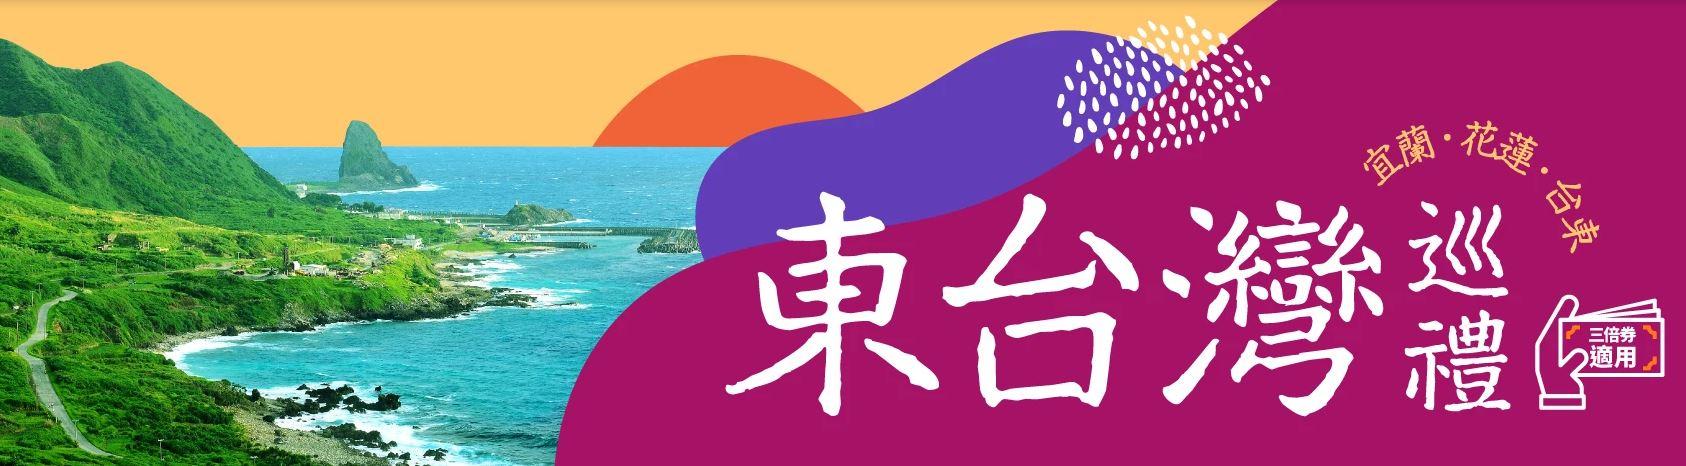 【花蓮民宿推薦】台灣花蓮地區與自然共生的綠色環保民宿! - threeonelee.com